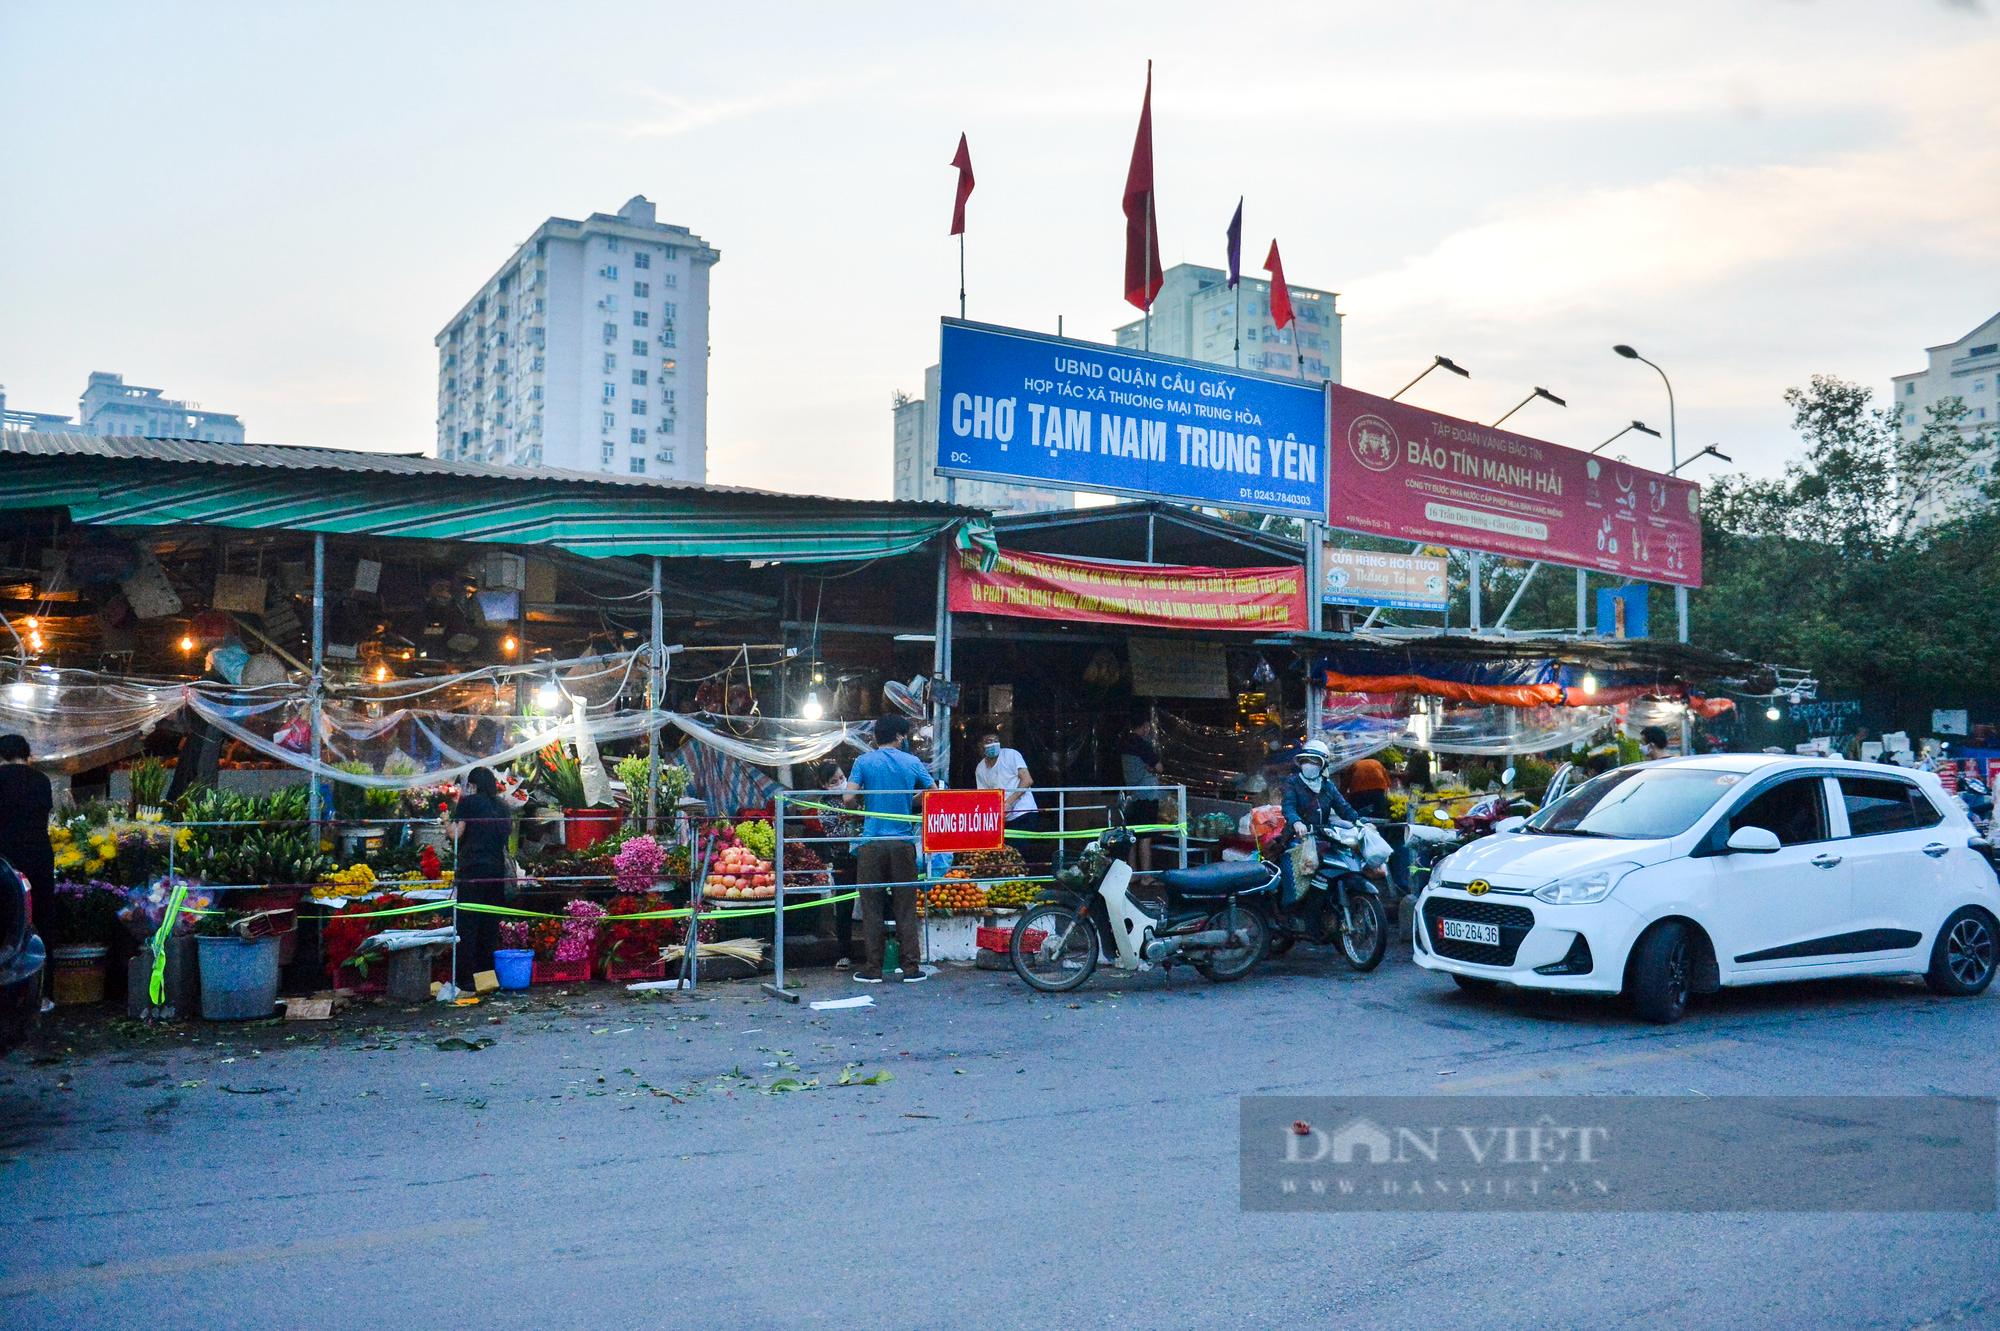 Chợ dân sinh ở Hà Nội đông đúc ngày đầu nới lỏng giãn cách - Ảnh 9.